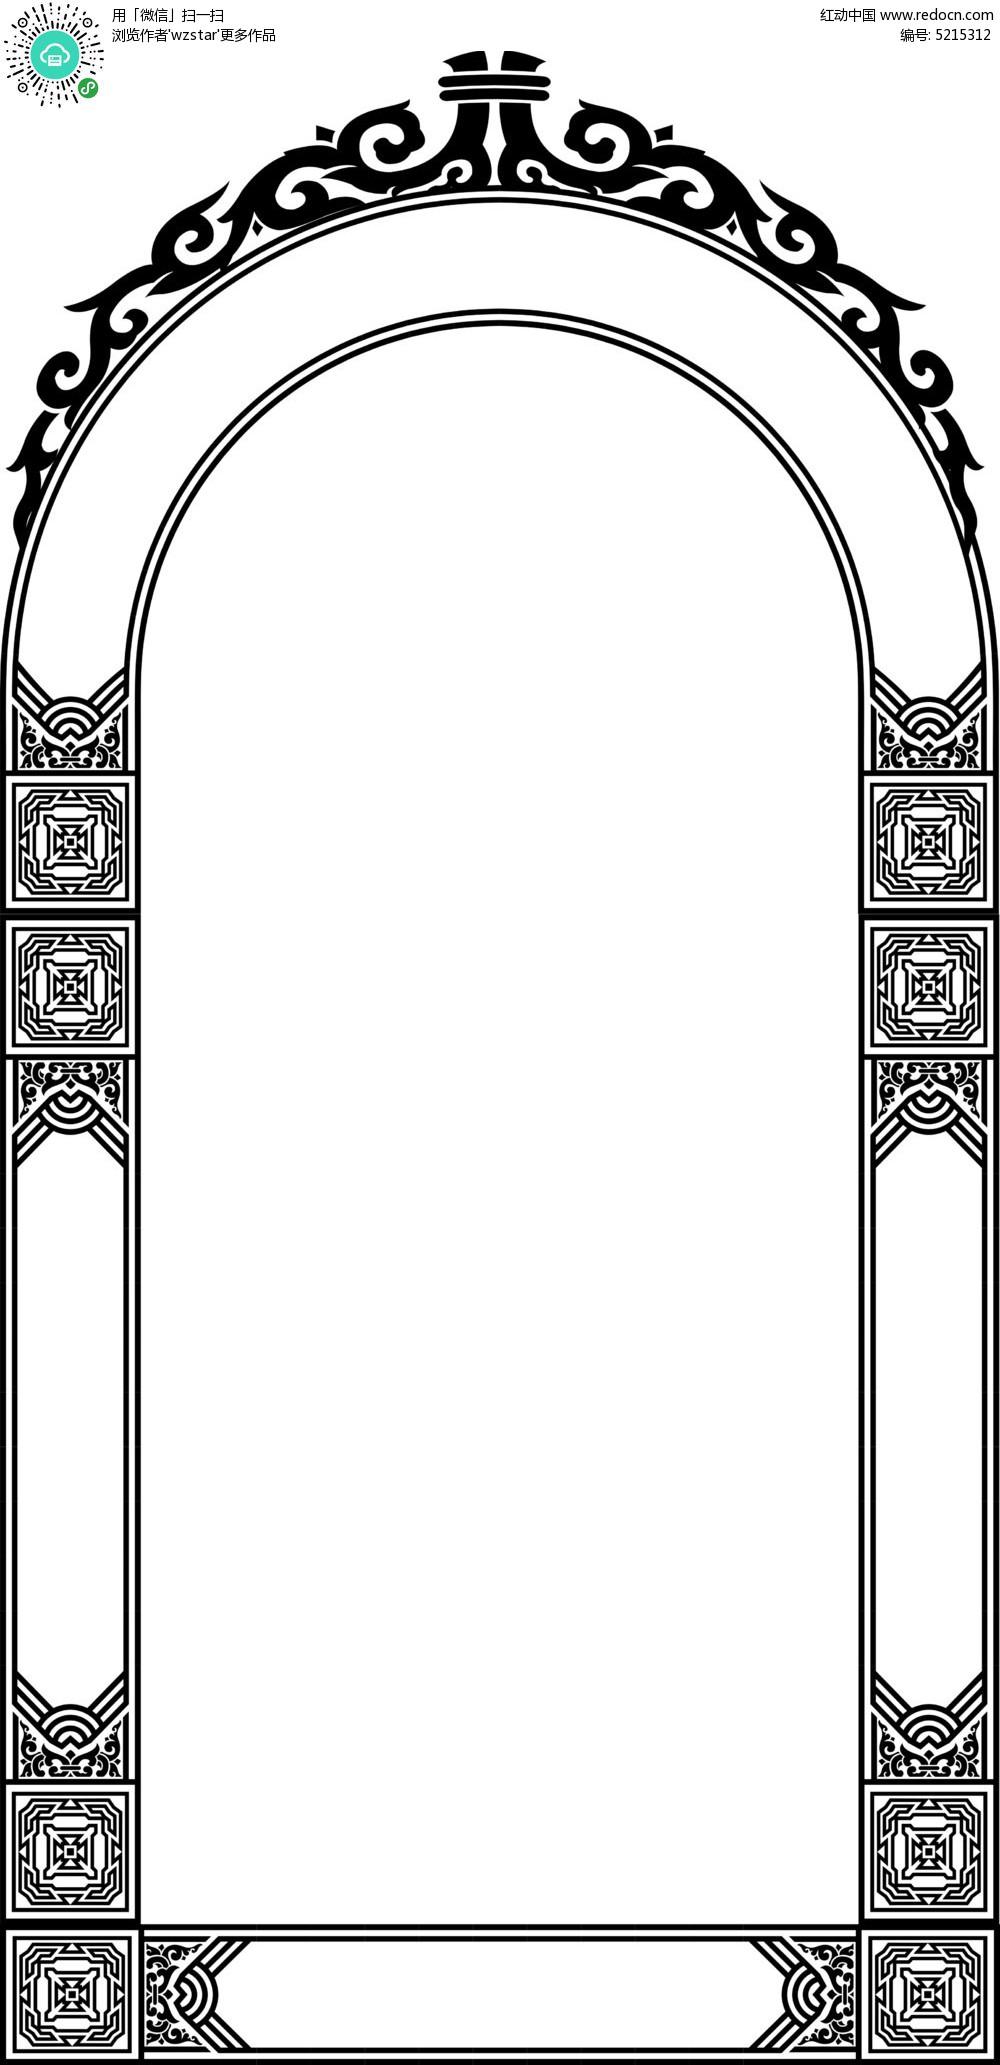 欧式黑白门框镂空装饰